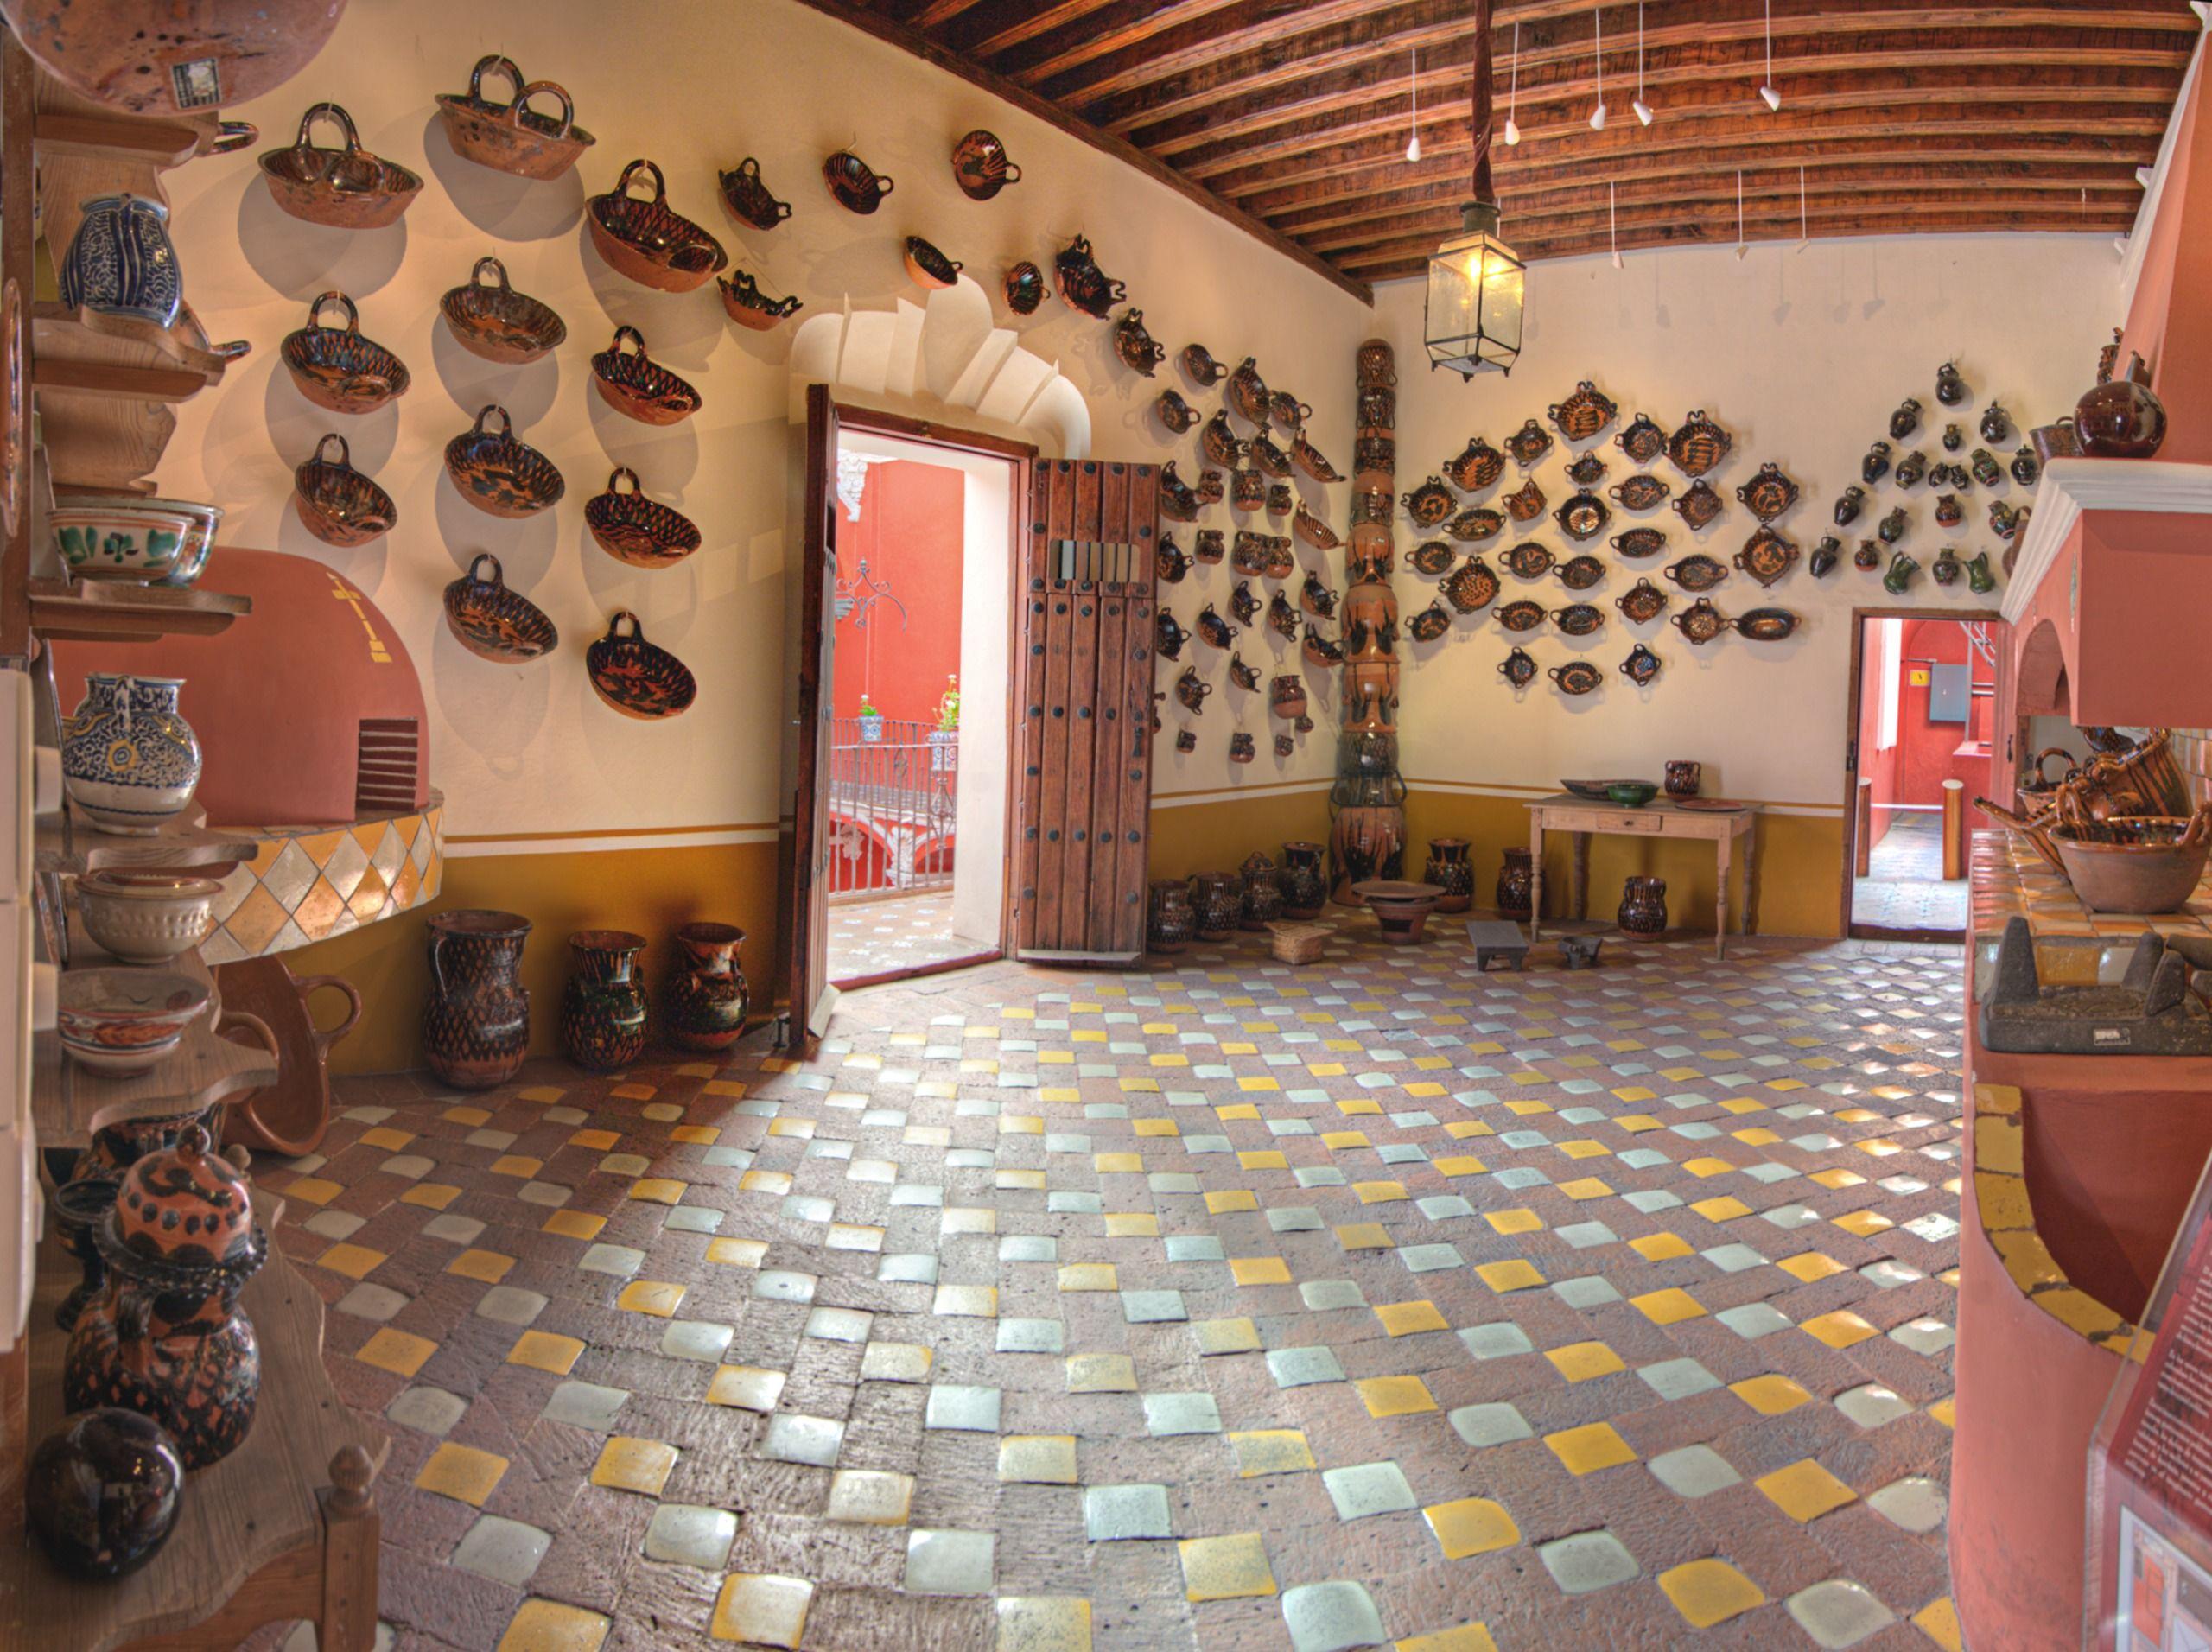 Cocina de la casa de alfe ique lugares para visitar for Casa paulina muebles y decoracion